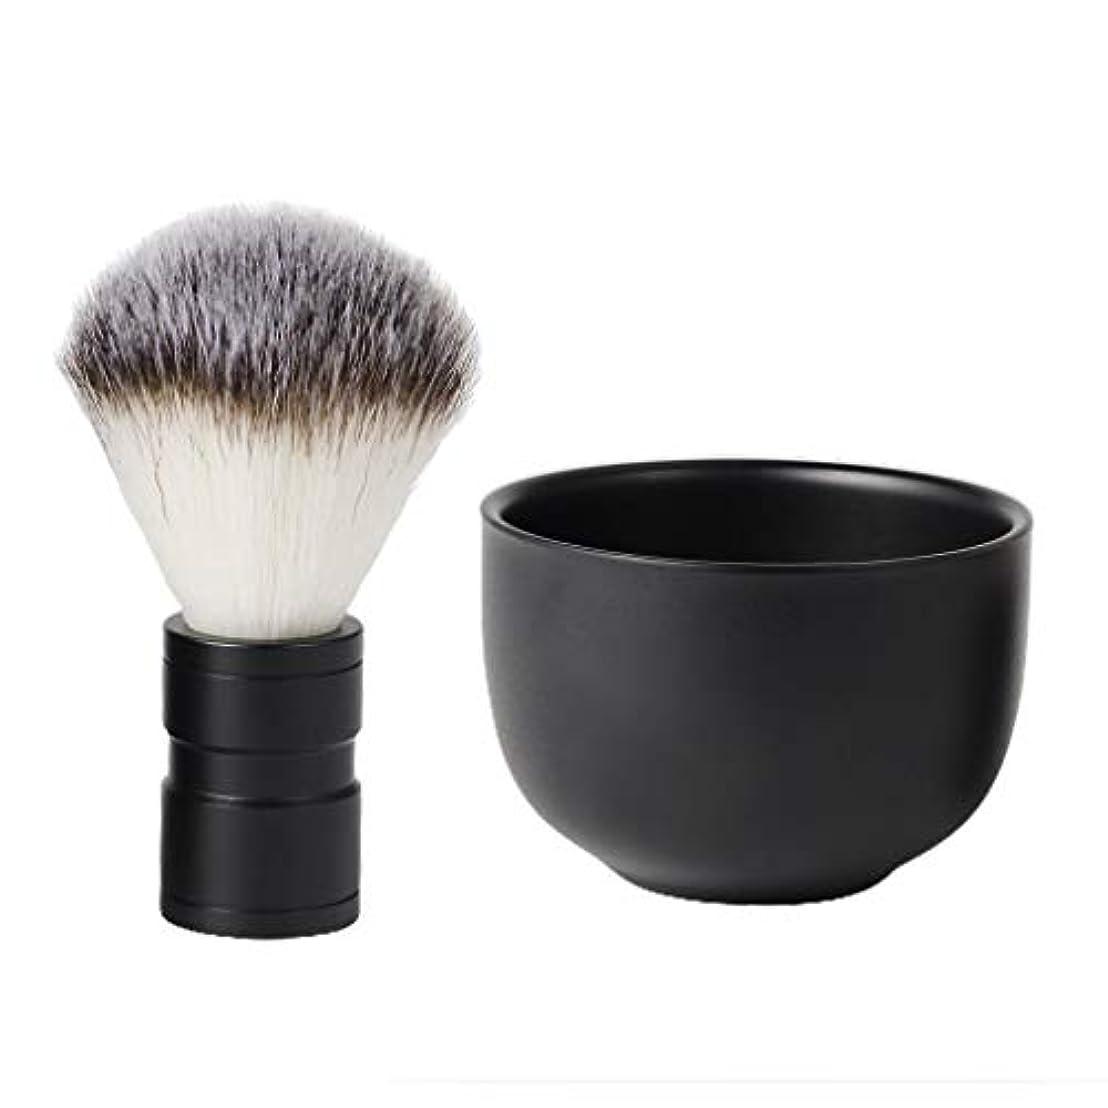 有毒な便益予報Hellery メンズ シェービングセット ひげブラシ 髭剃り シェービングブラシ シェービング石鹸ボウル